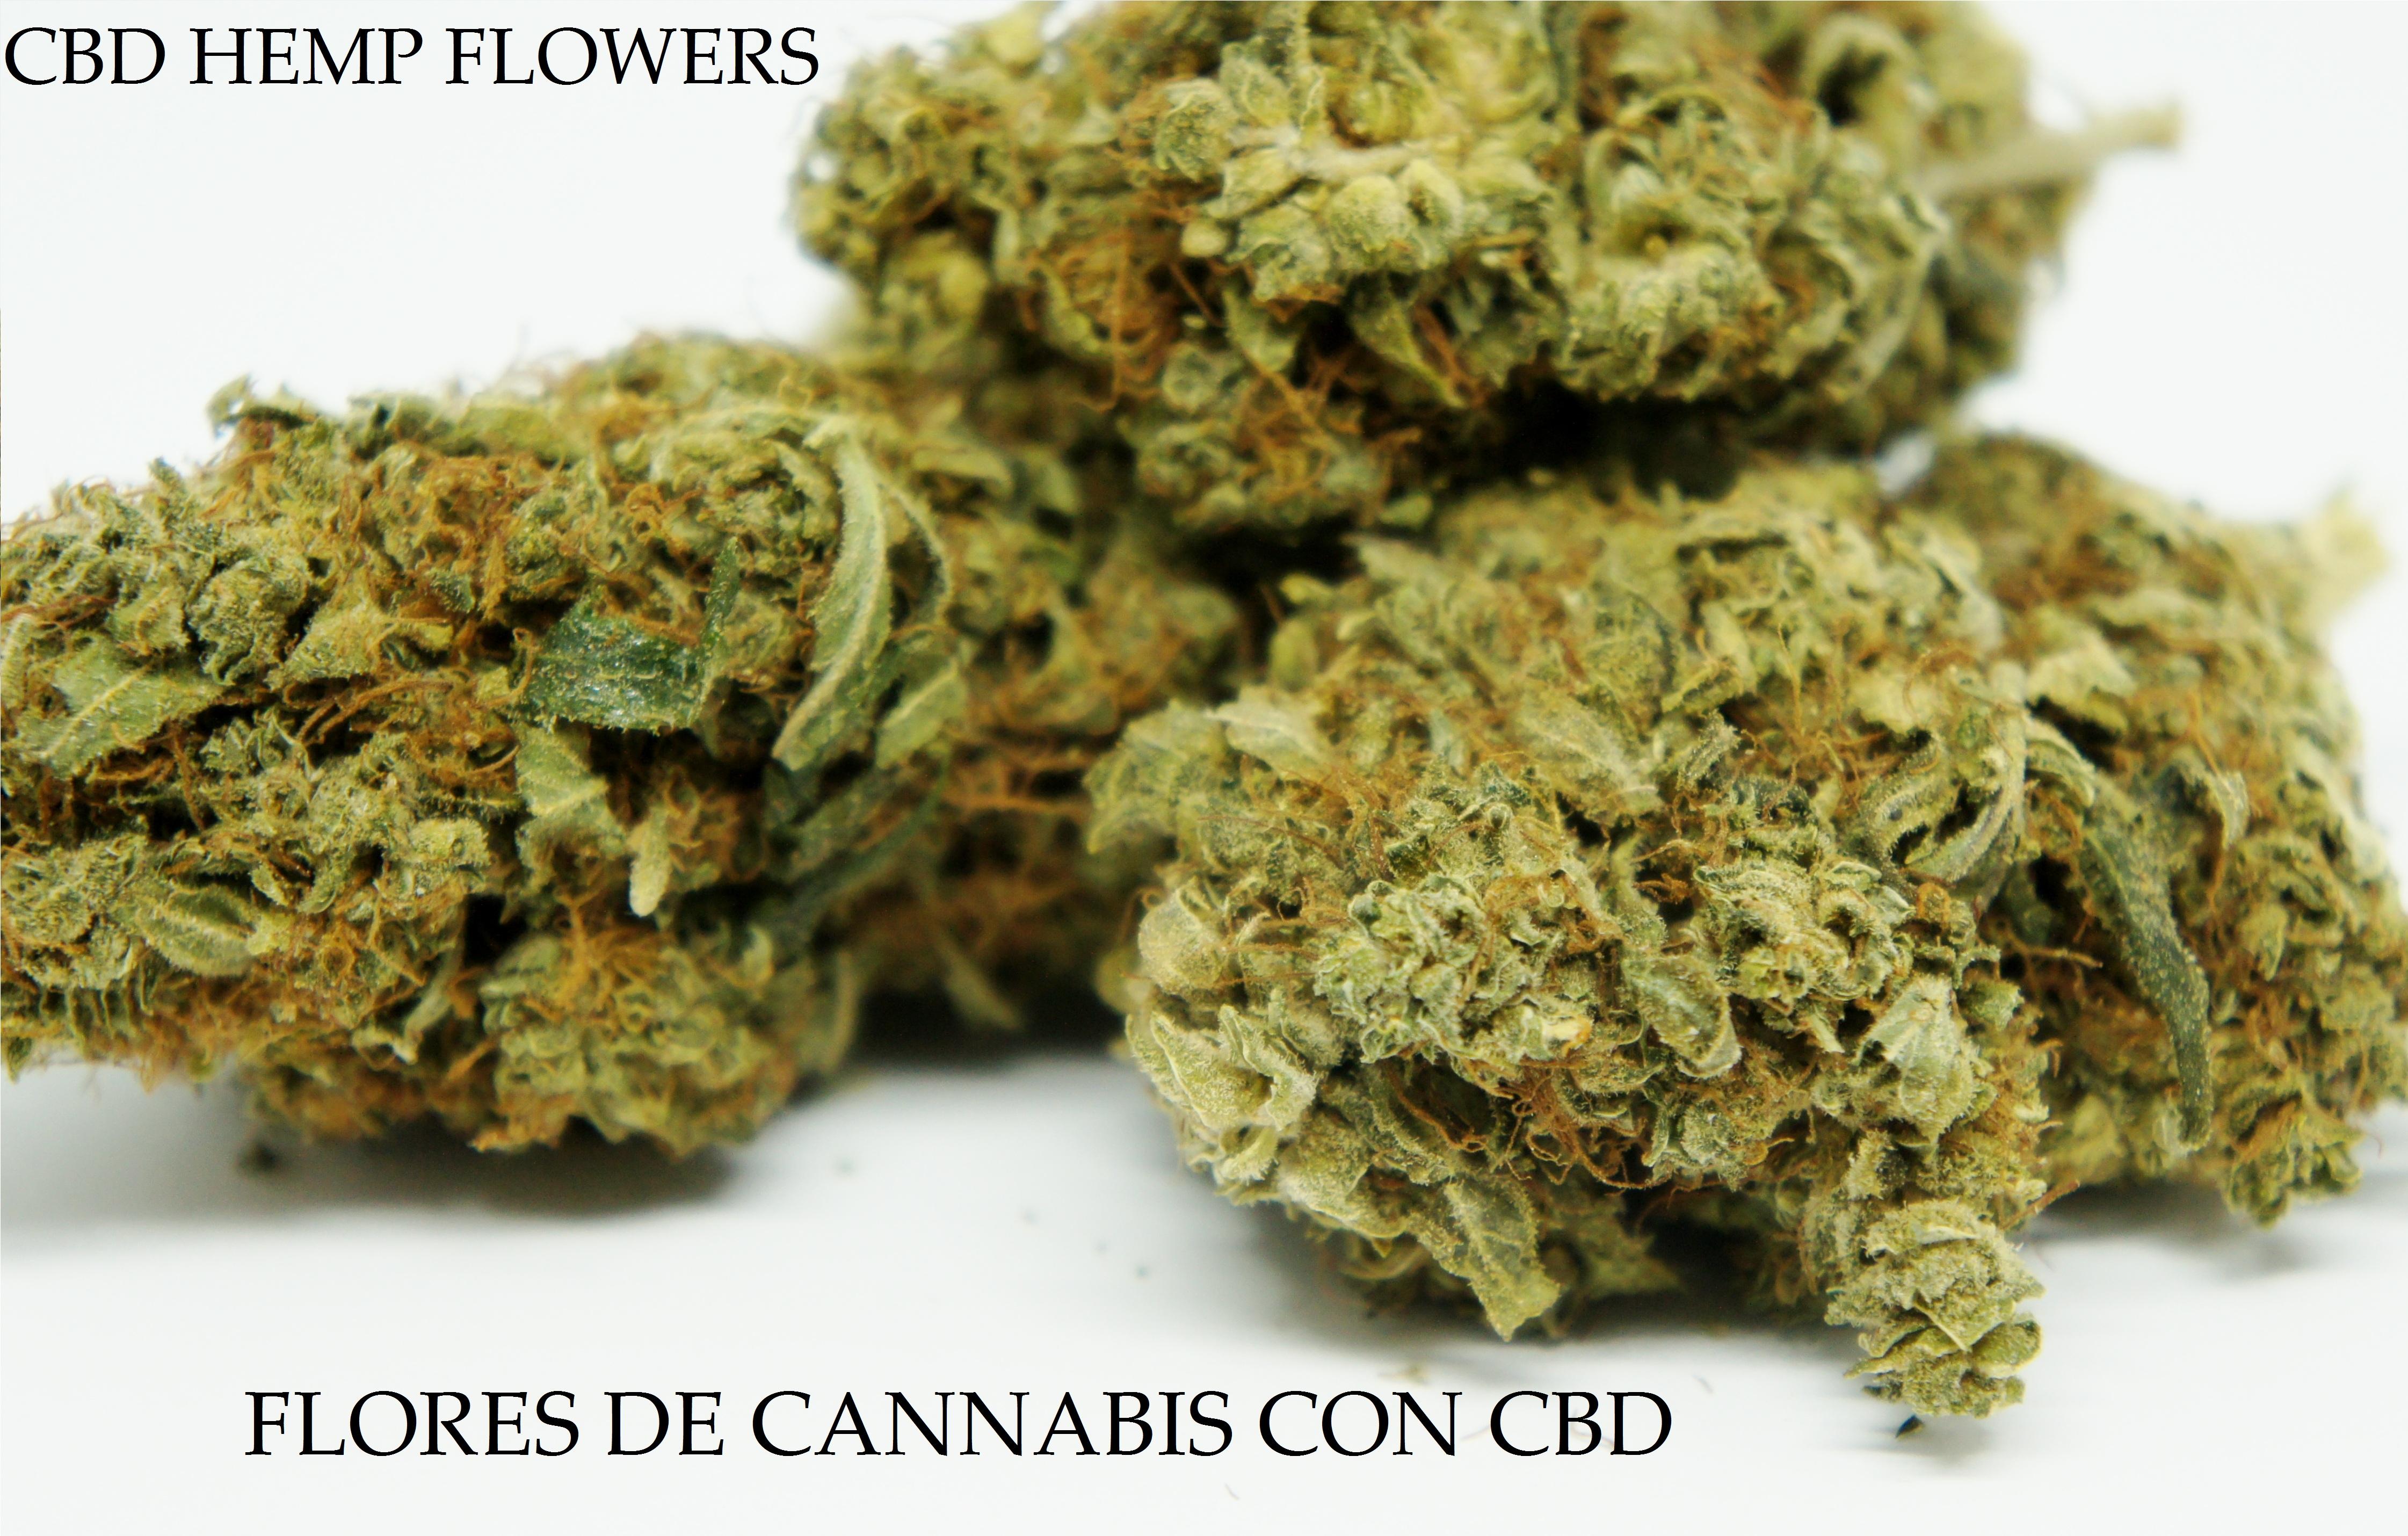 Flores De Cannabis Con CBD